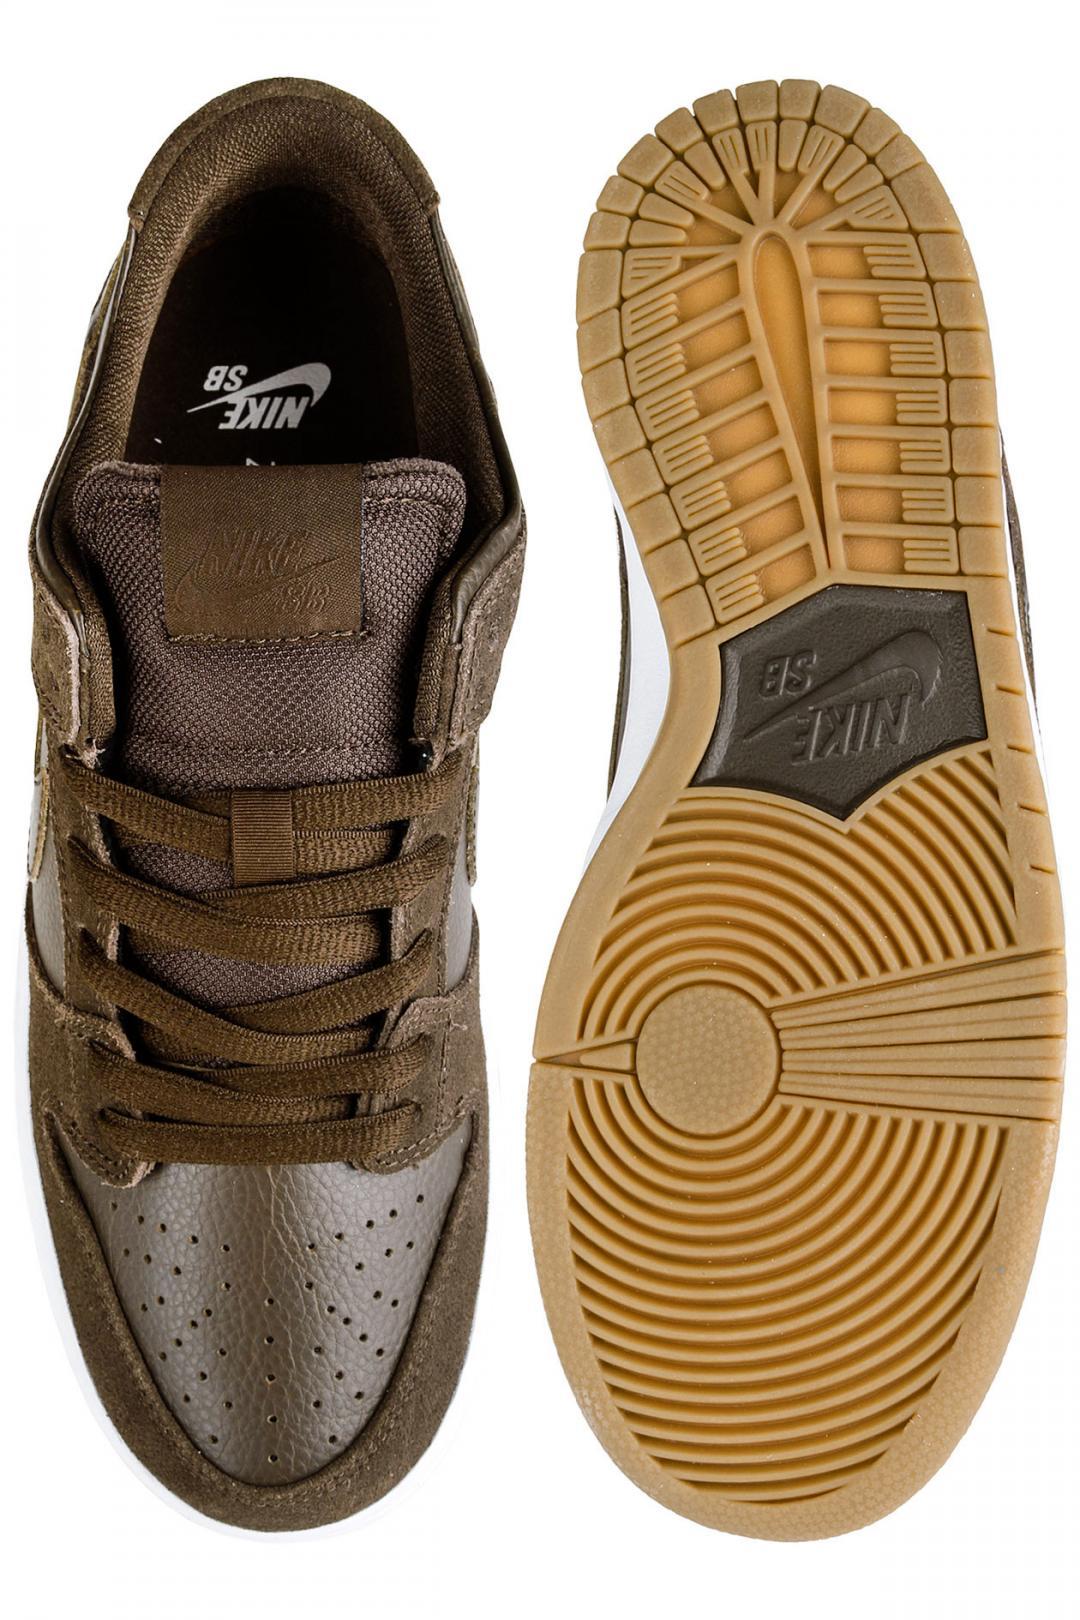 Uomo/Donna Nike SB Dunk Low Pro Ishod Wair baroque brown white | Sneaker